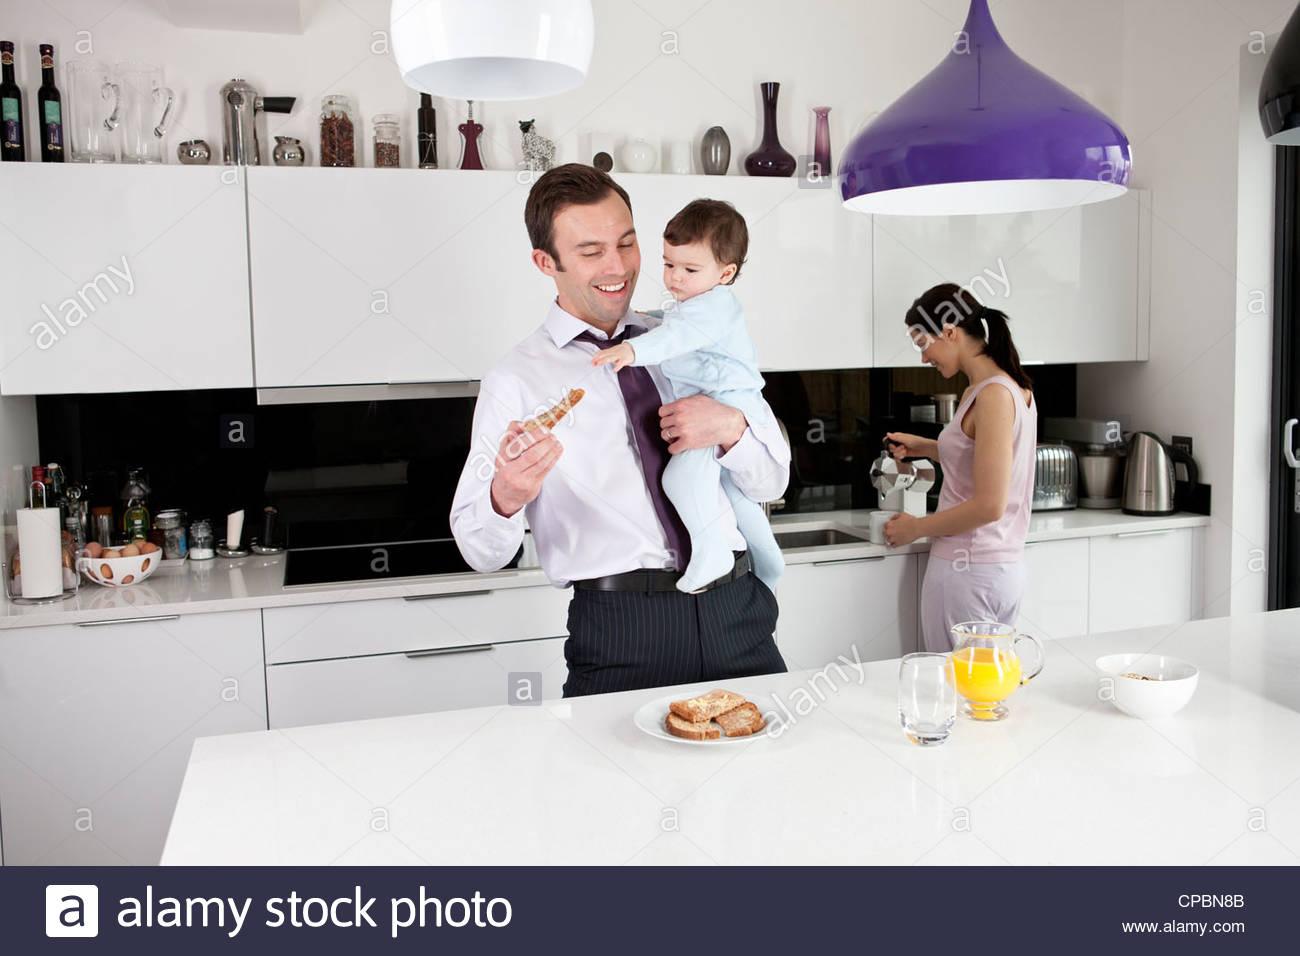 Ein Vater versucht, seine frühstücken während sein kleiner Sohn halten Stockbild